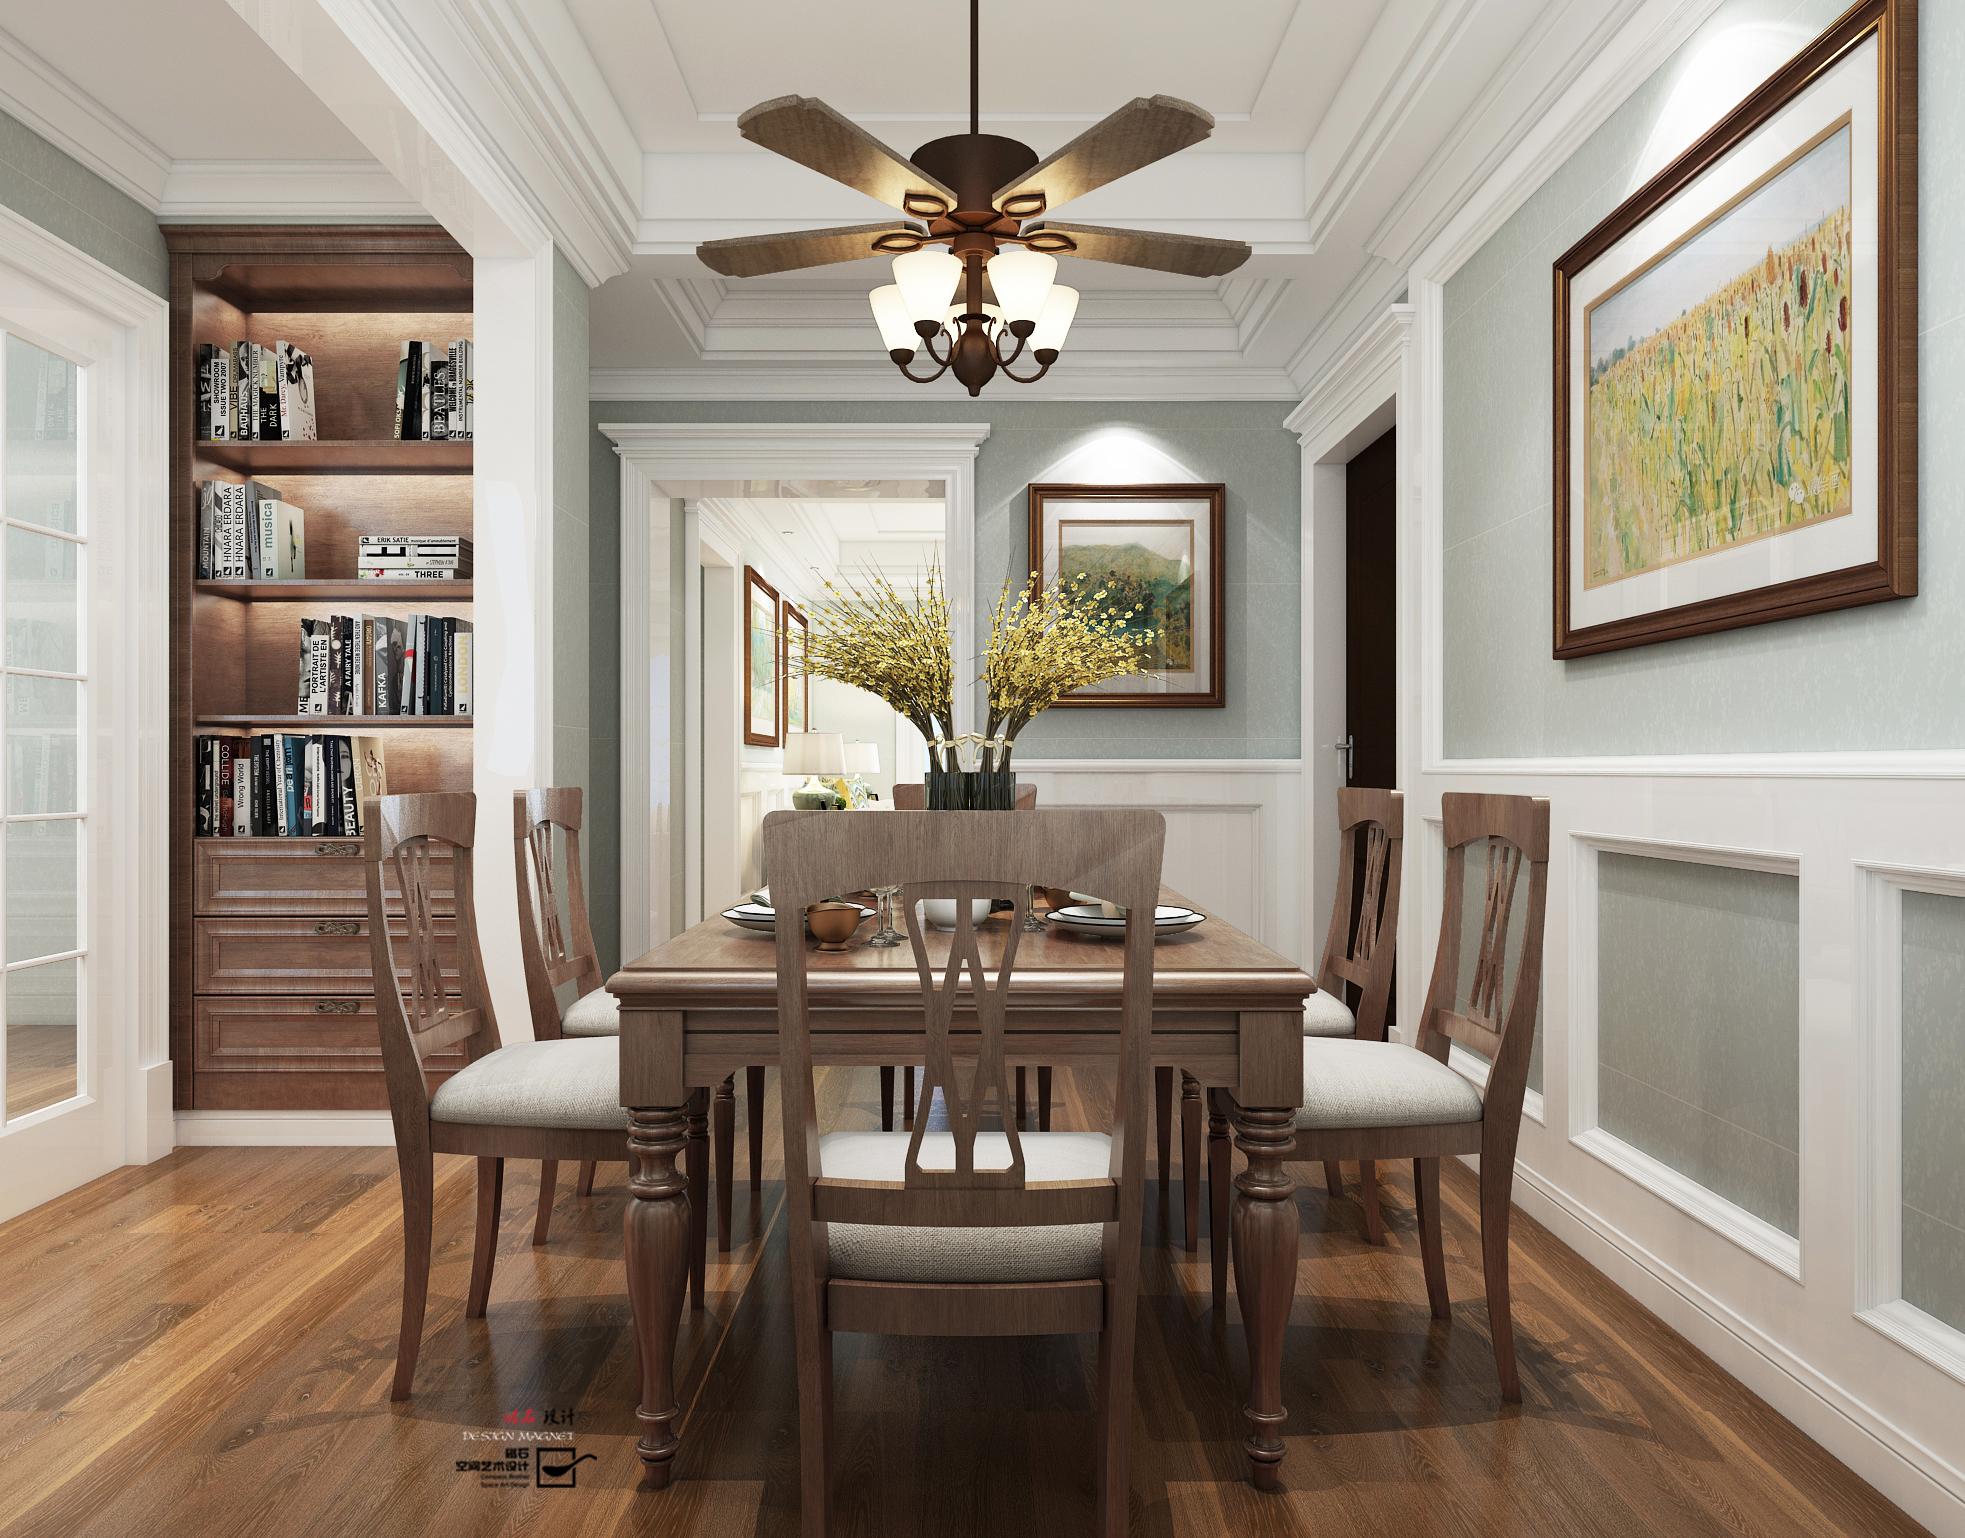 软装搭配: 地面选择了白色木纹砖配合木地板,墙面白色烤漆墙板搭配浅图片